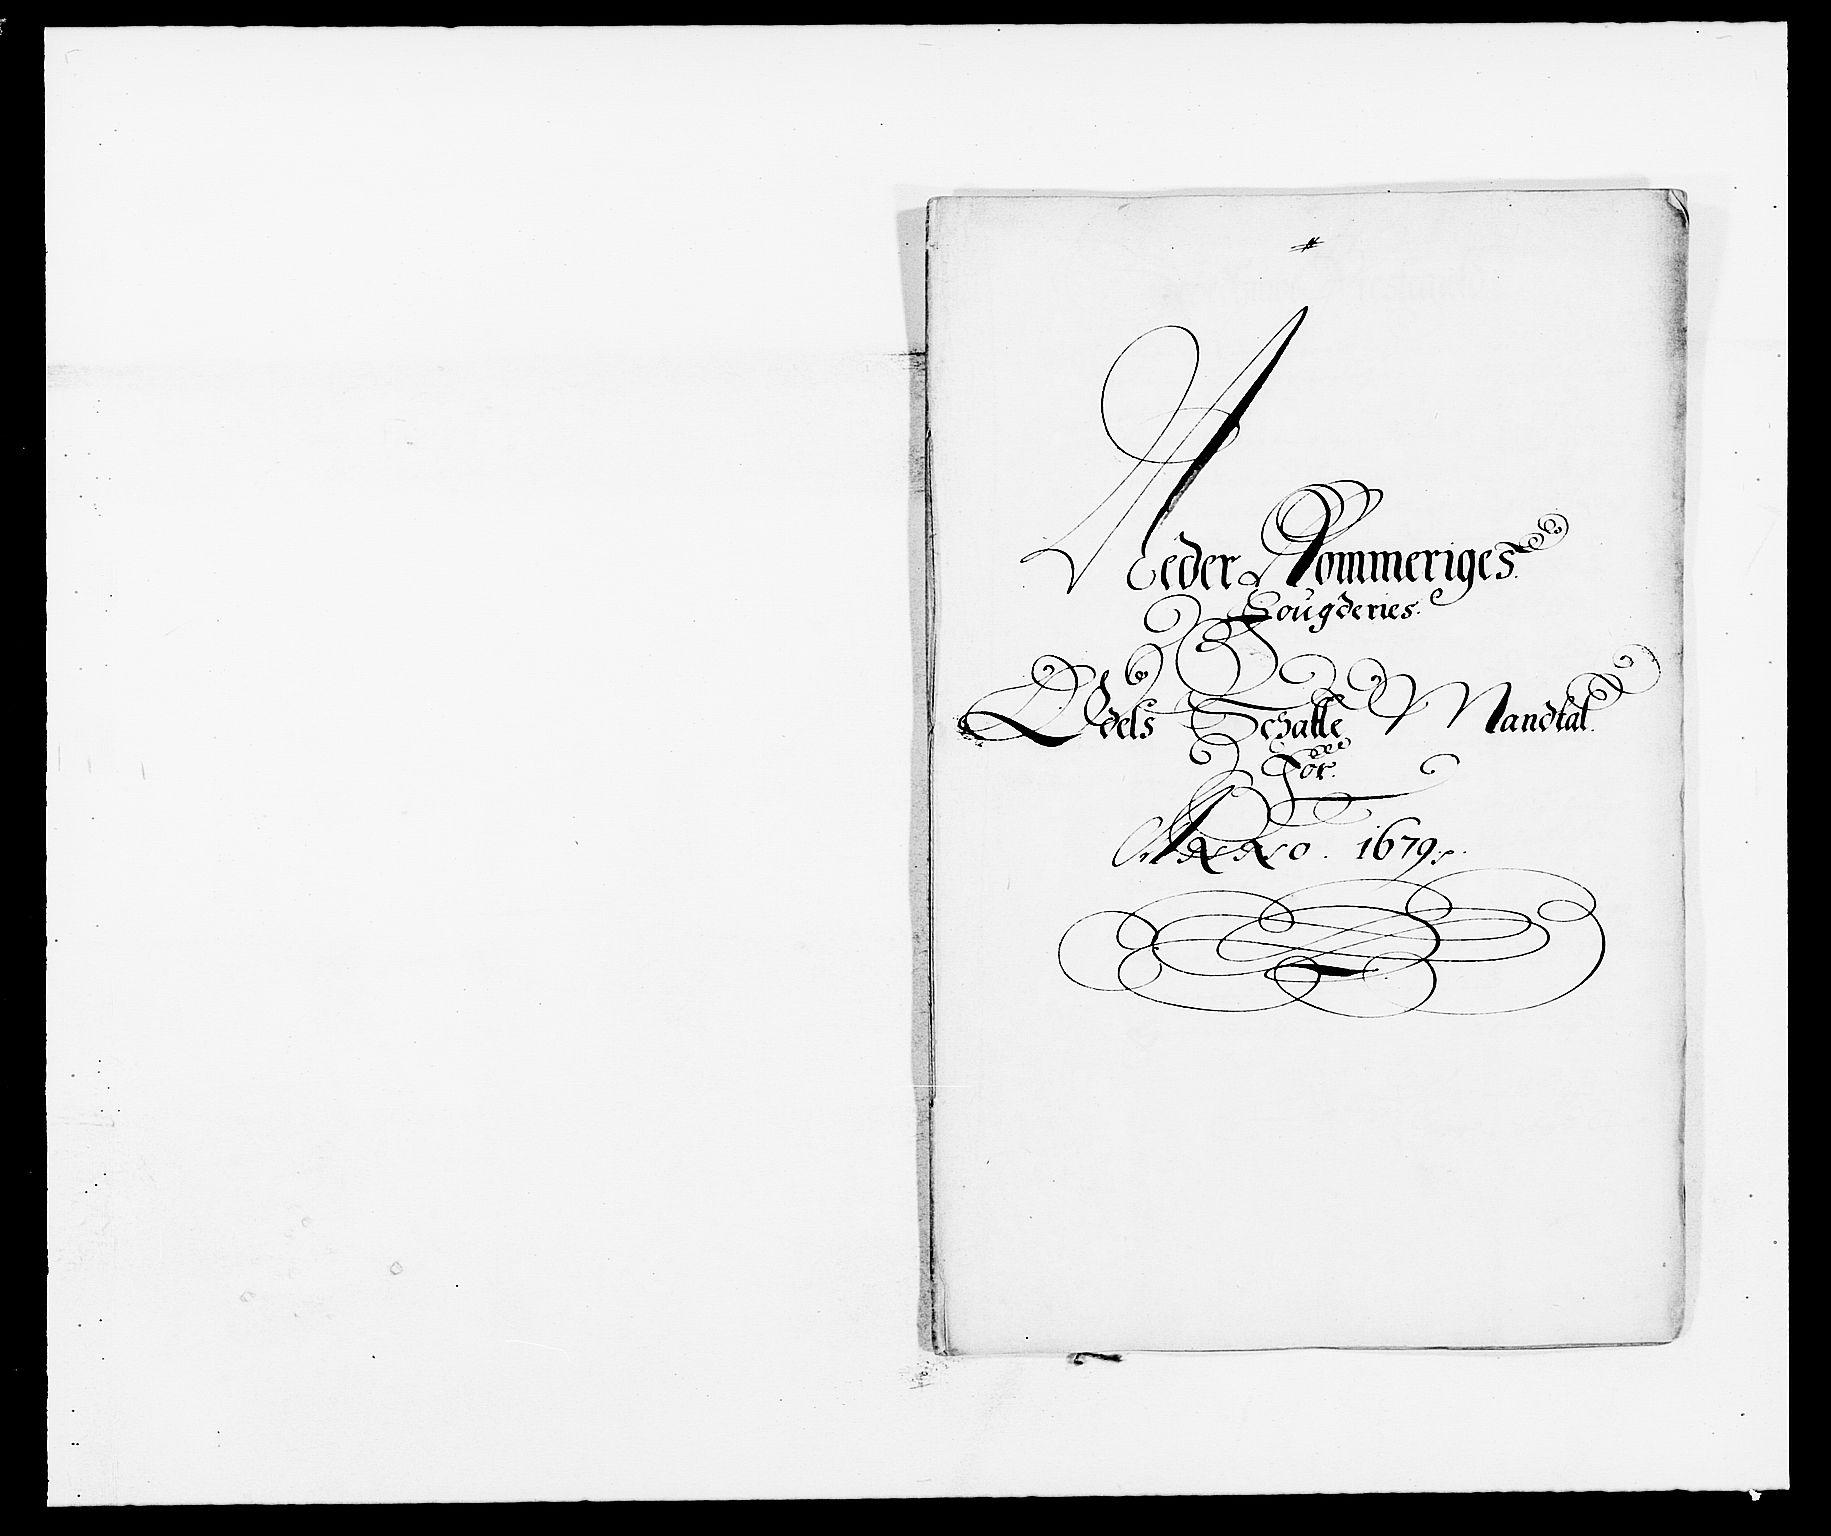 RA, Rentekammeret inntil 1814, Reviderte regnskaper, Fogderegnskap, R11/L0568: Fogderegnskap Nedre Romerike, 1679, s. 62